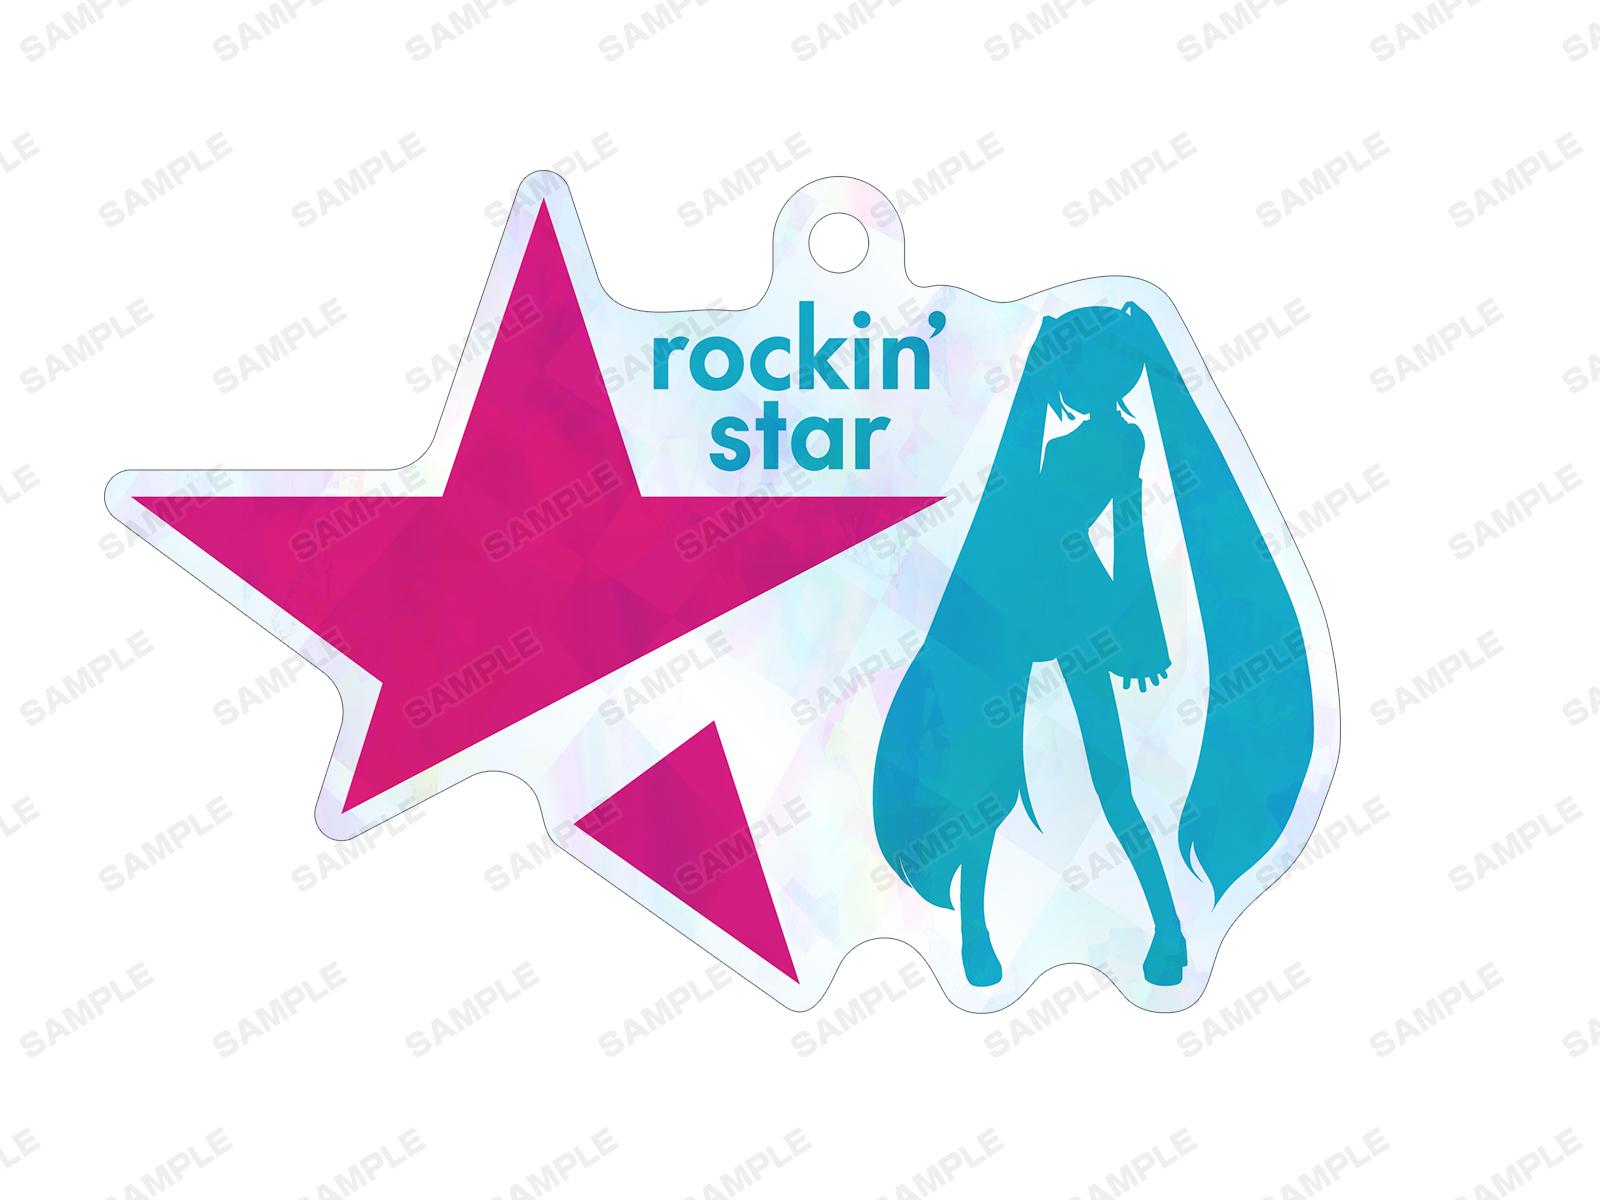 イベント限定BOX購入特典「rockin'starコラボ 描き下ろしイラスト Art by 博 トレーディングアクリルキーホルダー(全12種) 」